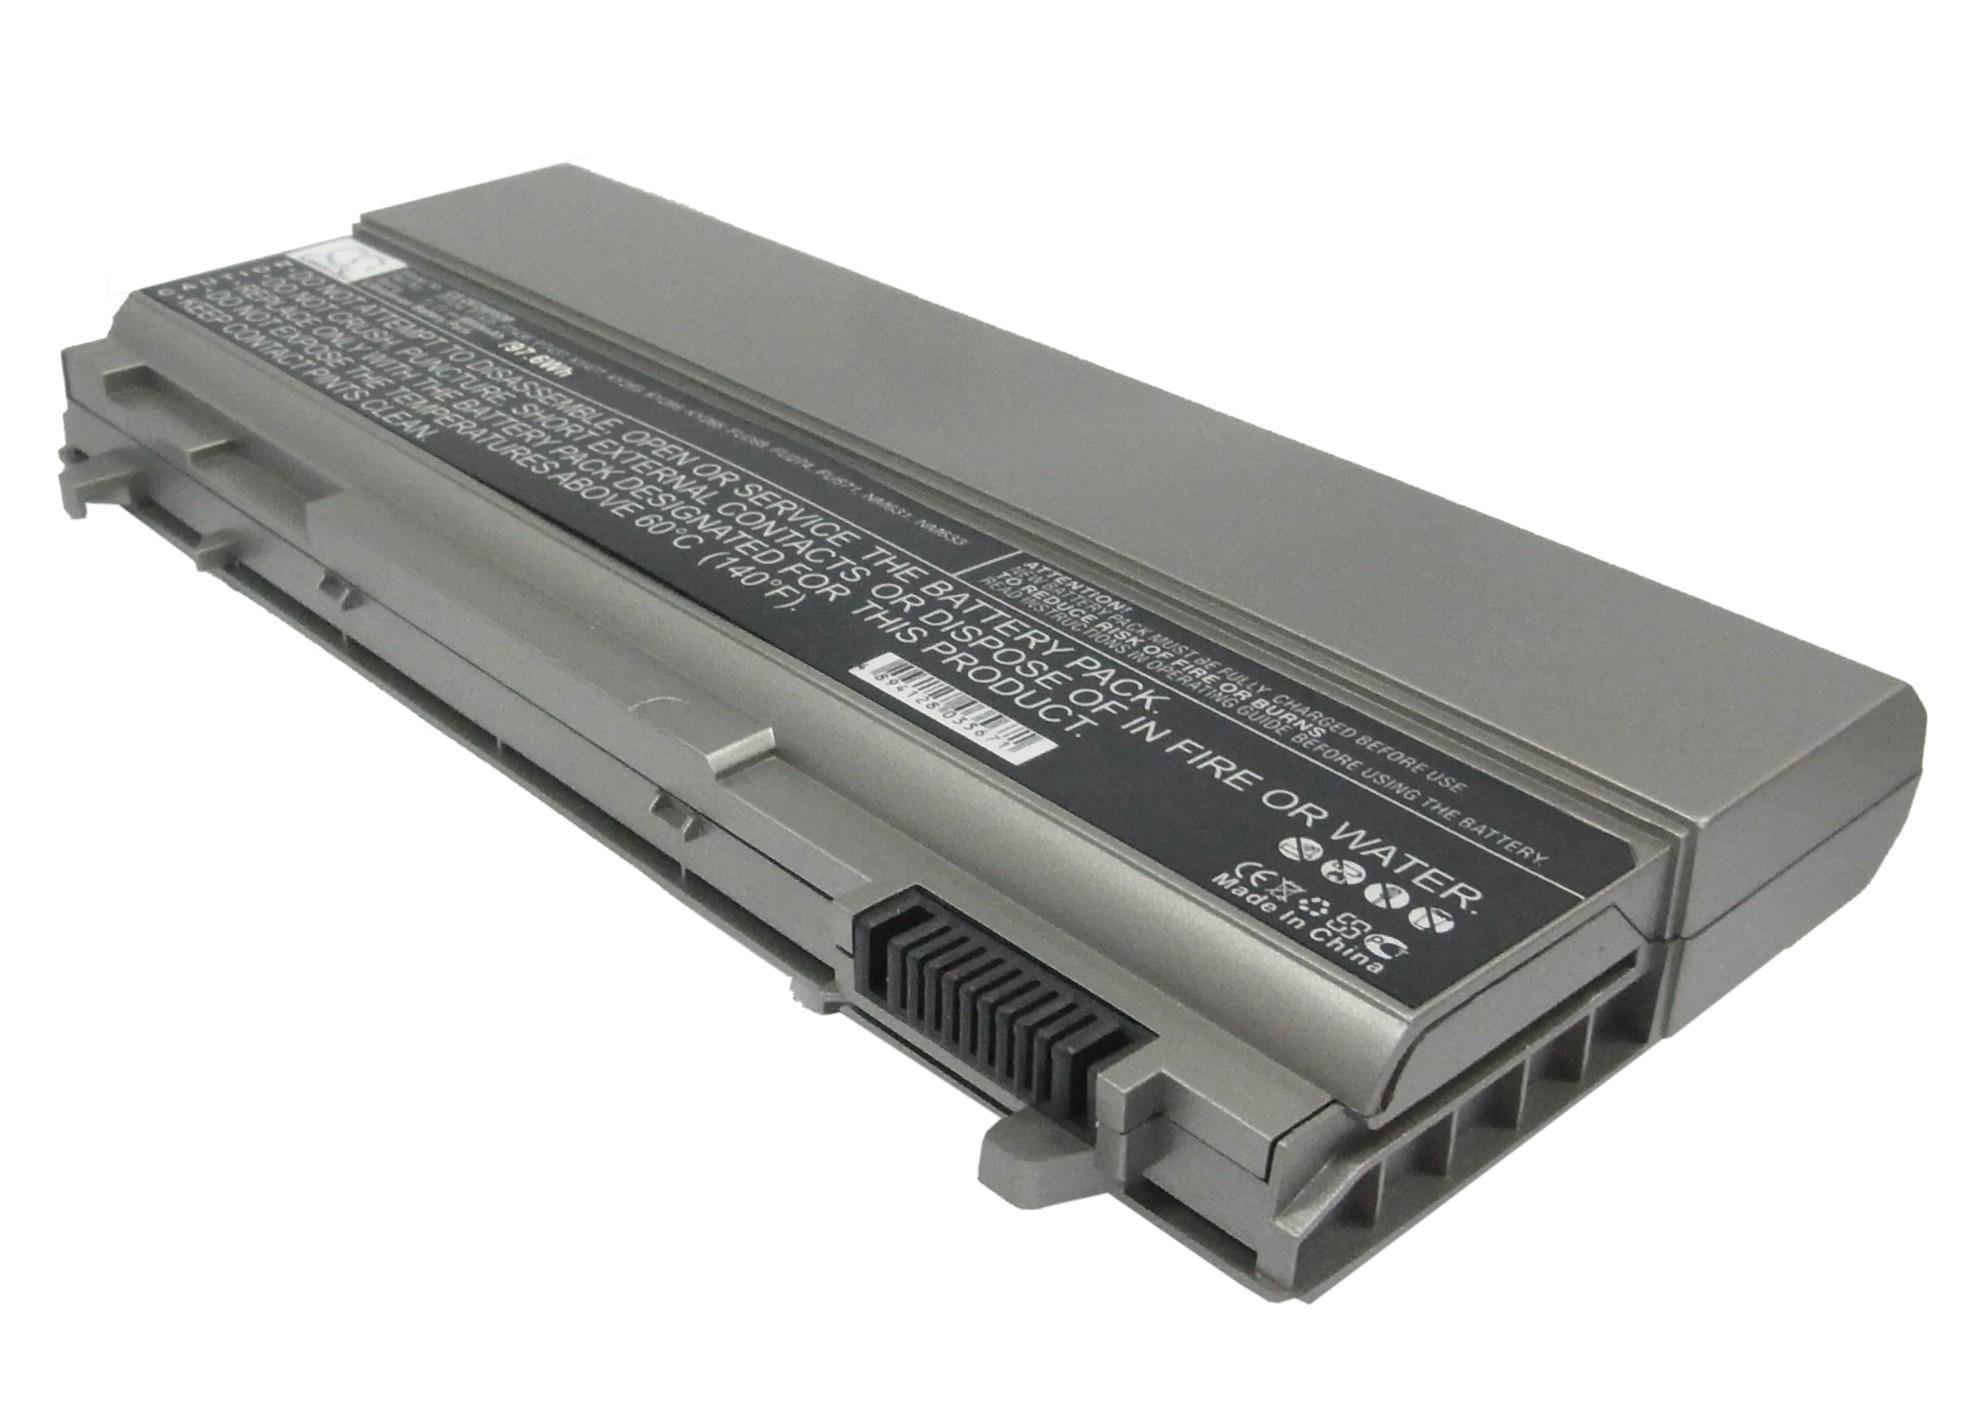 Cameron Sino baterie do notebooků pro DELL Latitude E6410 11.1V Li-ion 8800mAh stříbrná šedá - neoriginální